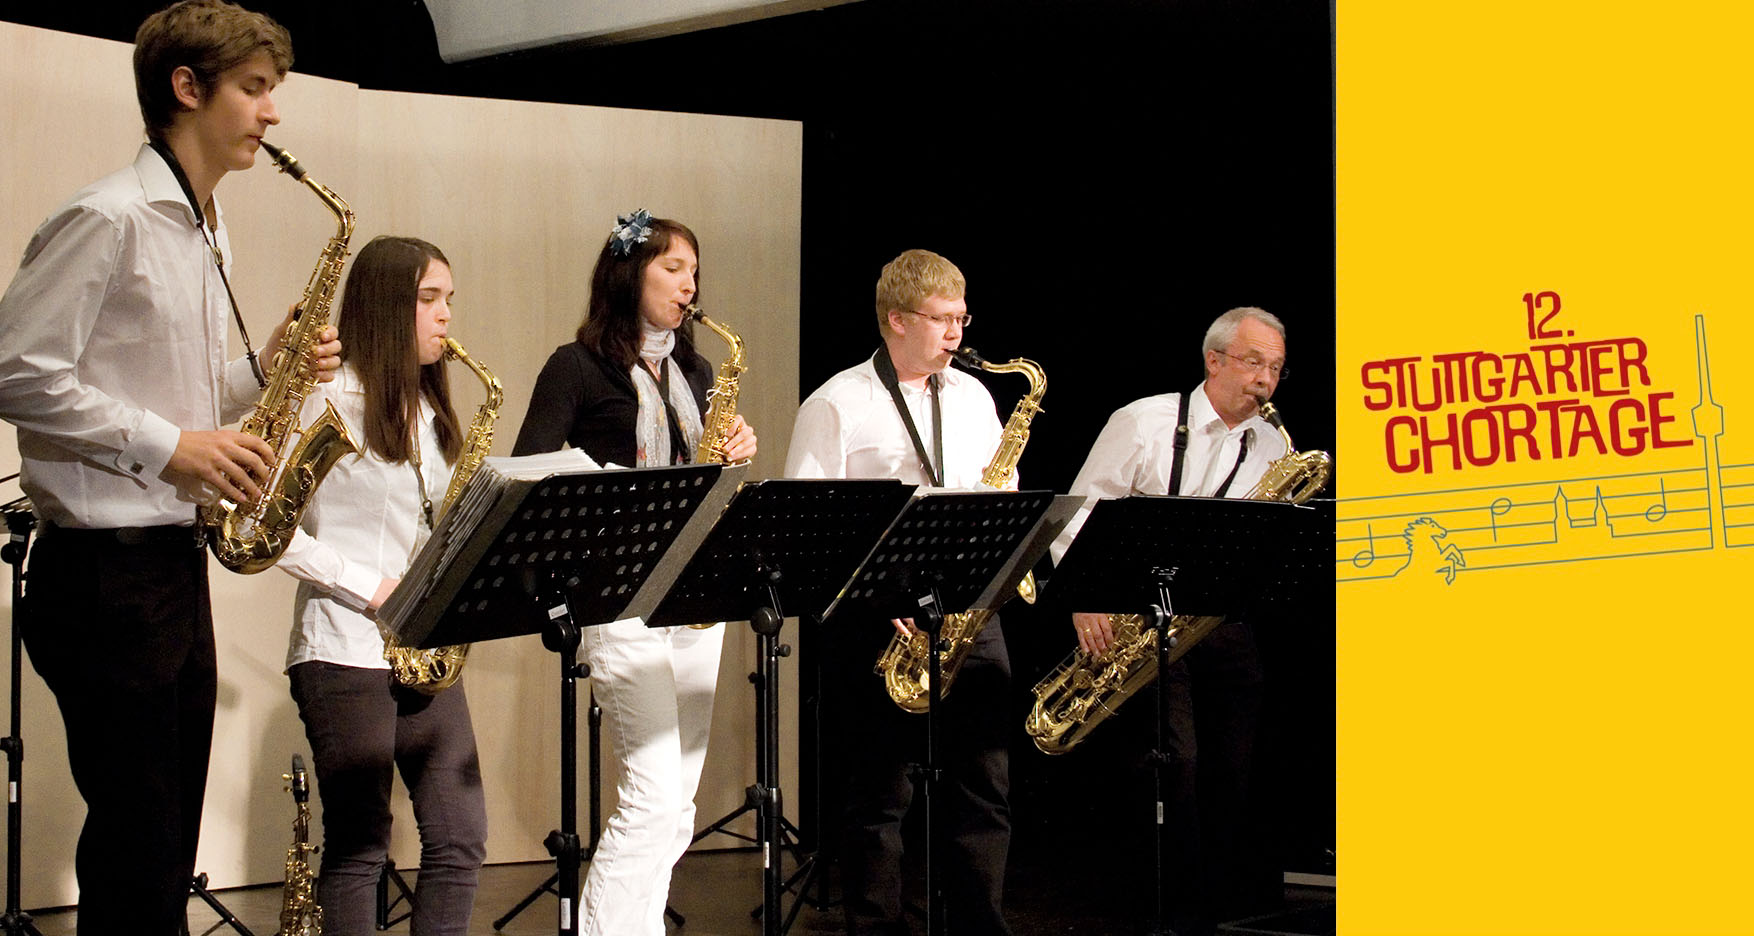 Konzert: Jazz im Lab – im Rahmen der 12. Stuttgarter Chortage ...